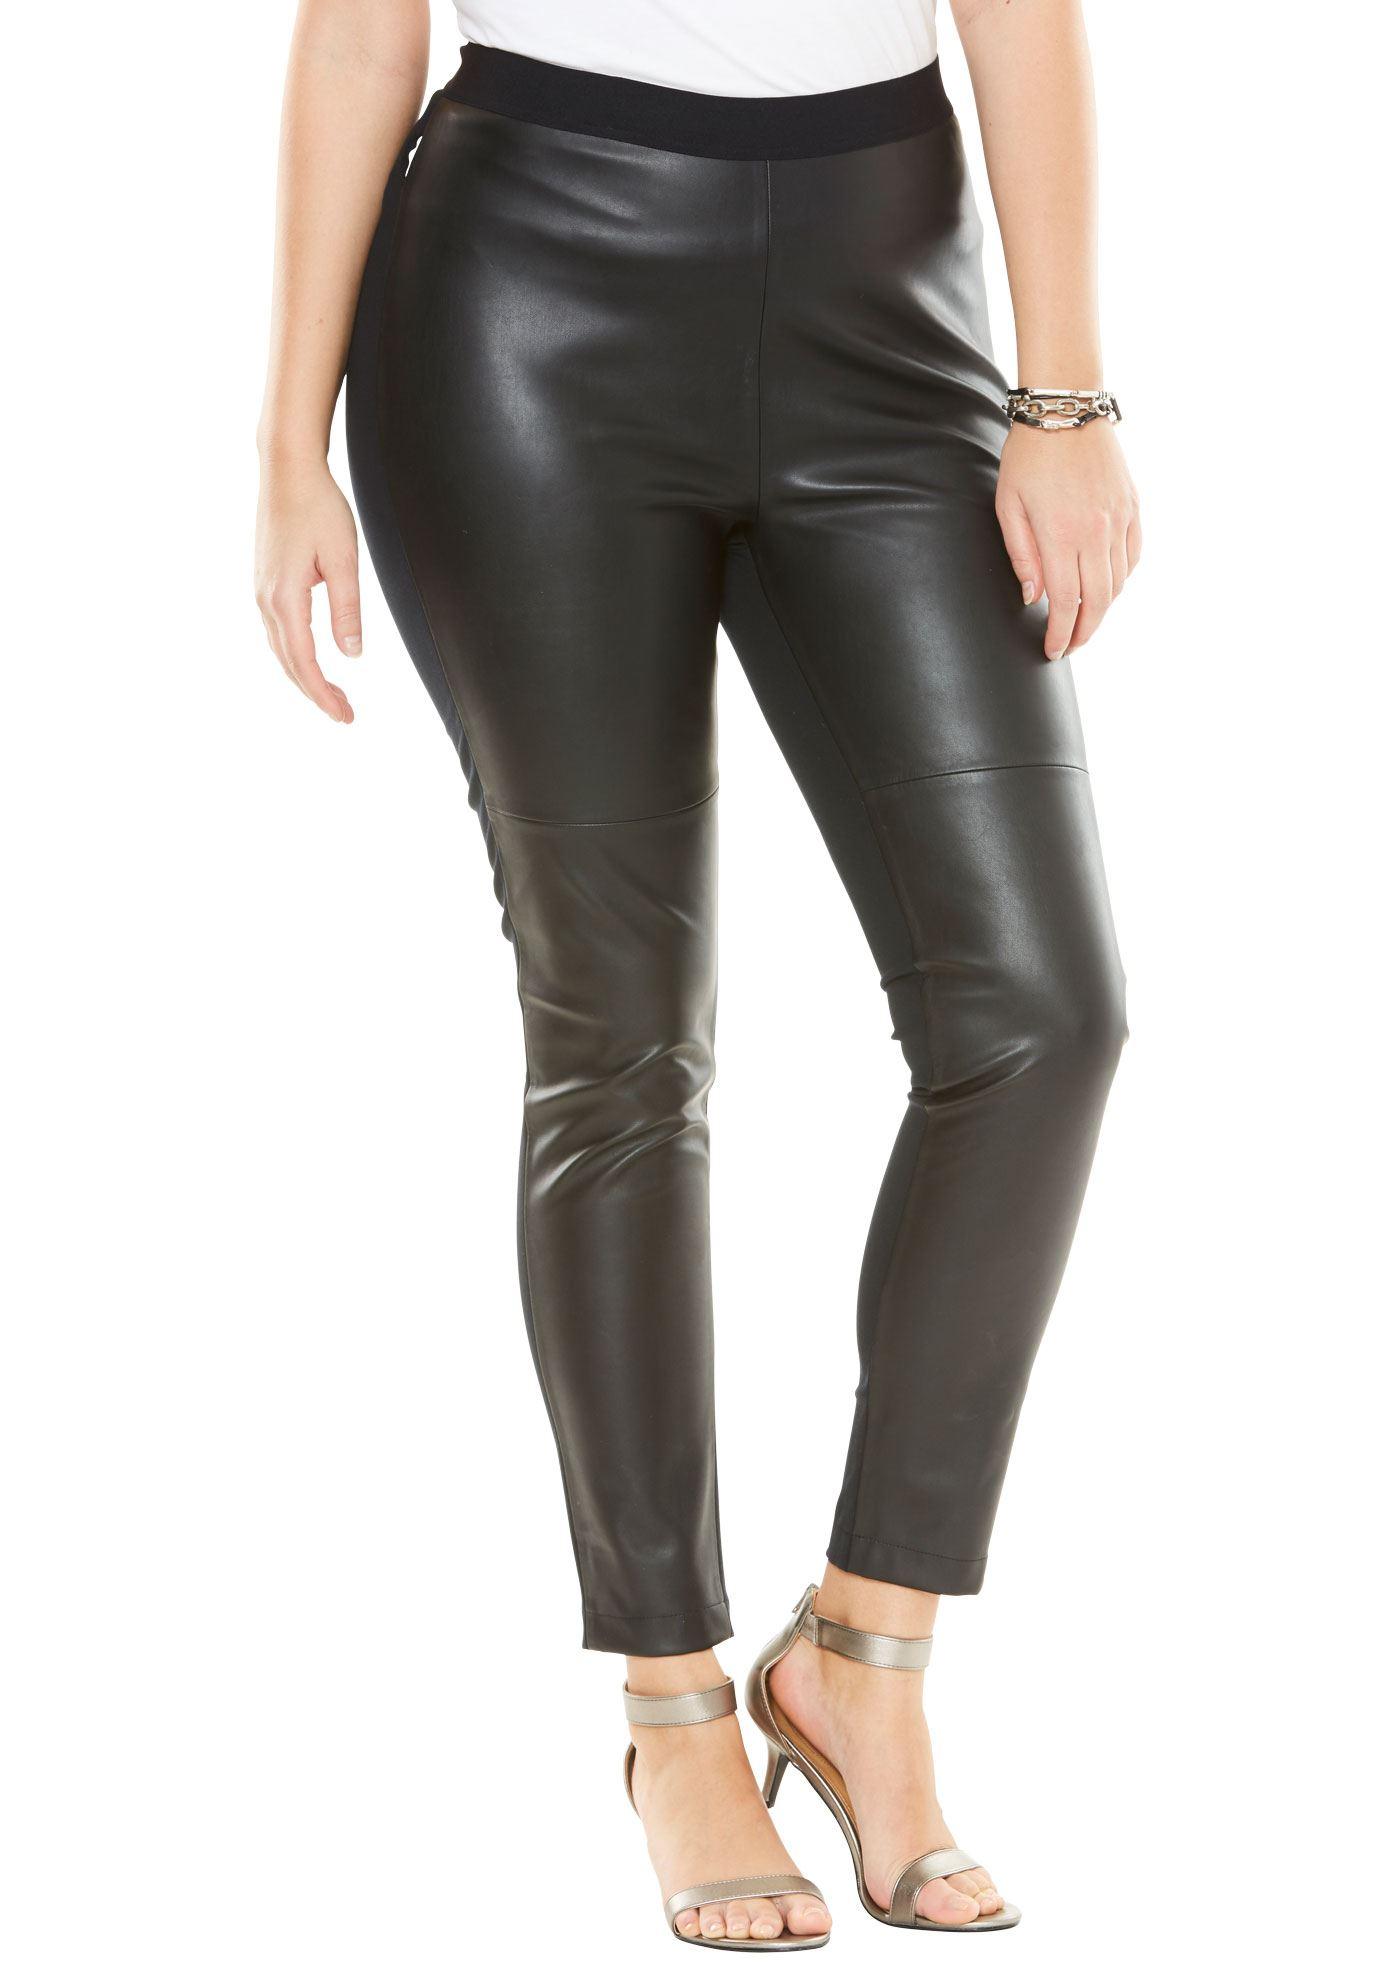 Roaman's Plus Size Faux Leather Legging